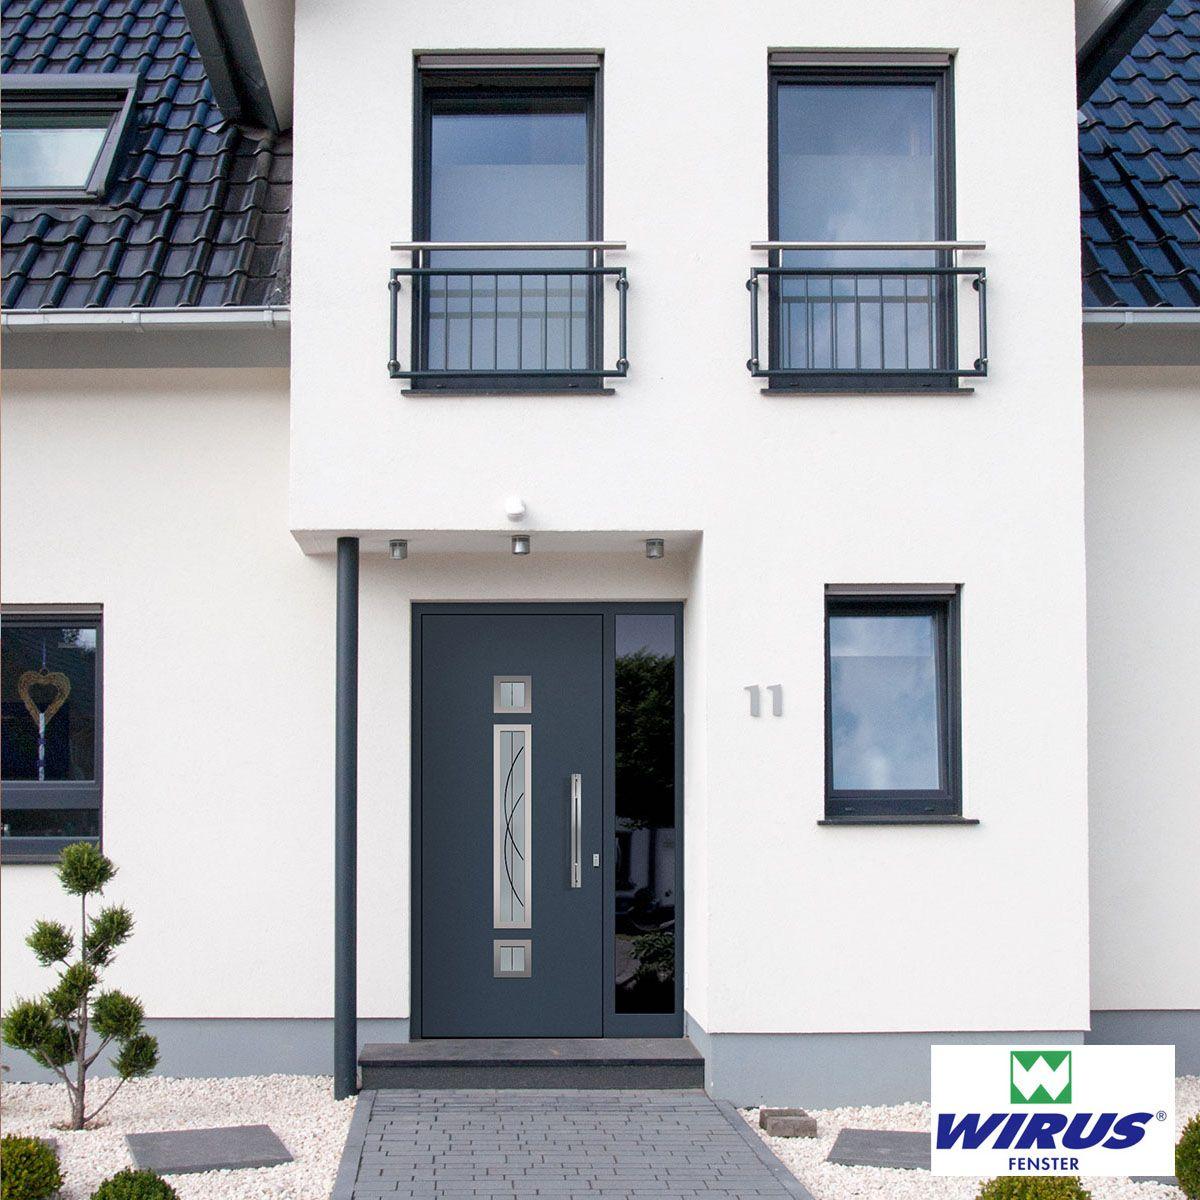 Anthrazit Sind Die Fenster Die Saule Und Naturlich Die Hausture Haus Streichen Fenster Anthrazit Haus